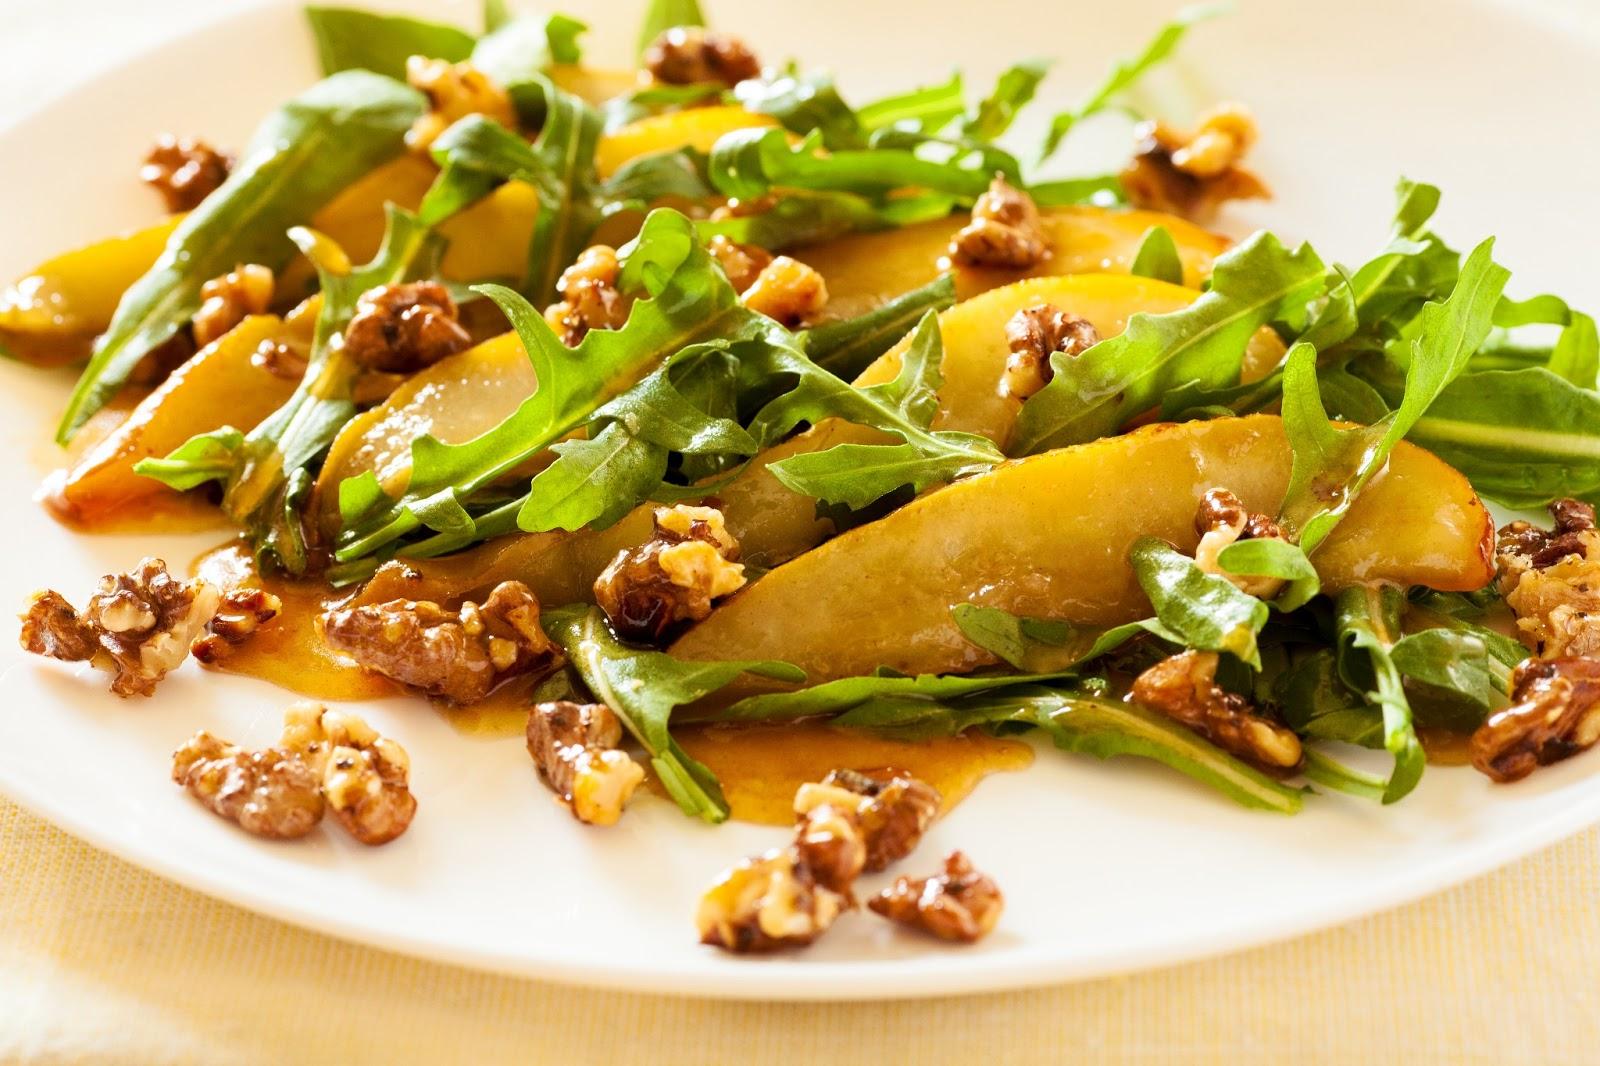 Гостям понравится сочетание груши с орехами и медовым соусом